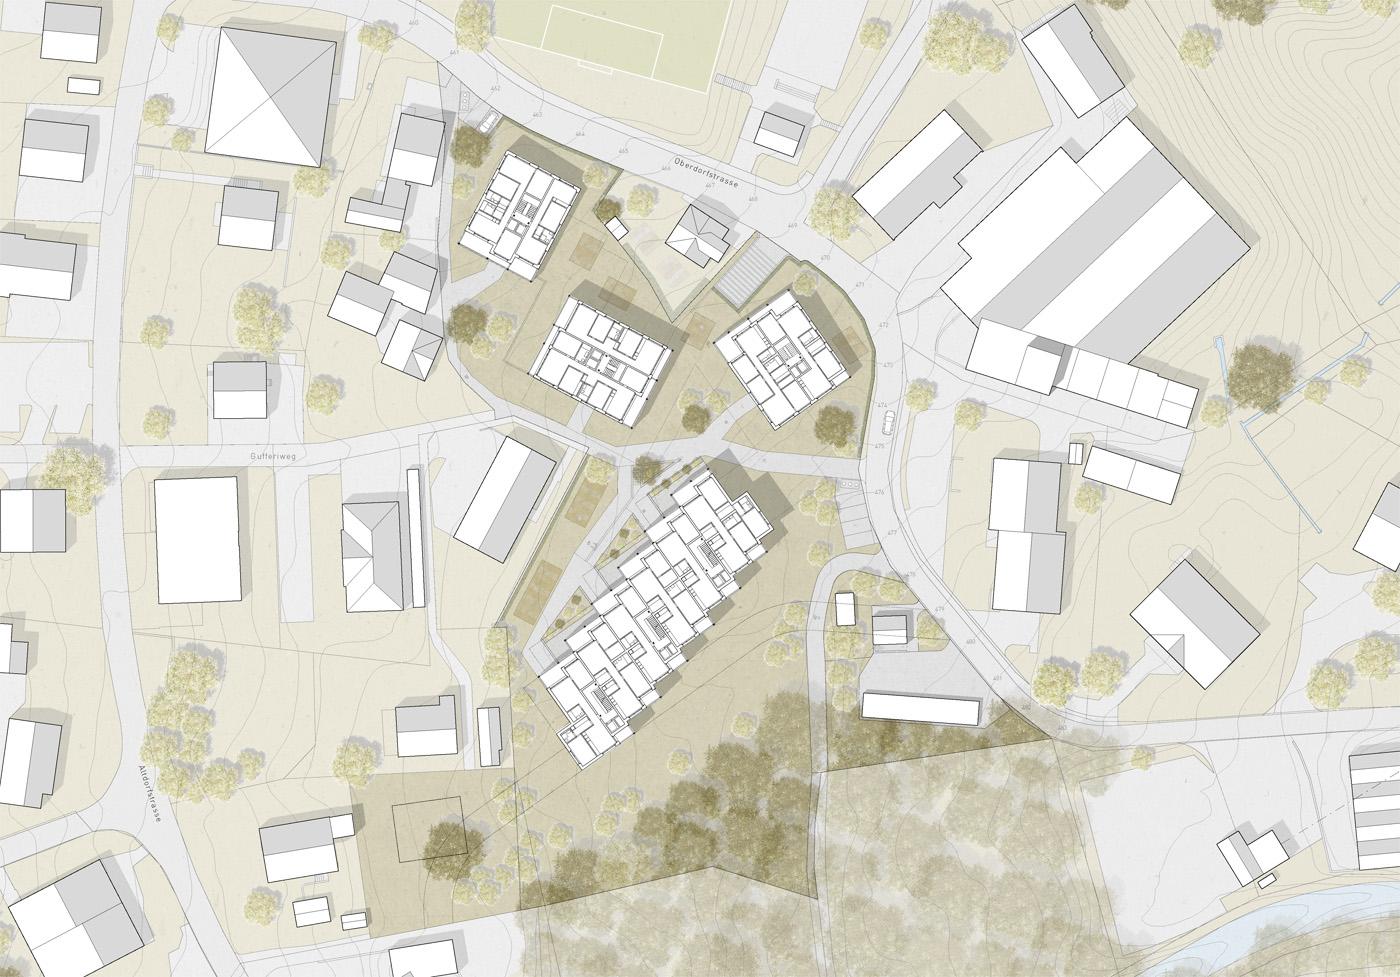 buan-architekten-oberdorf-vitznau-situation-grundrisse